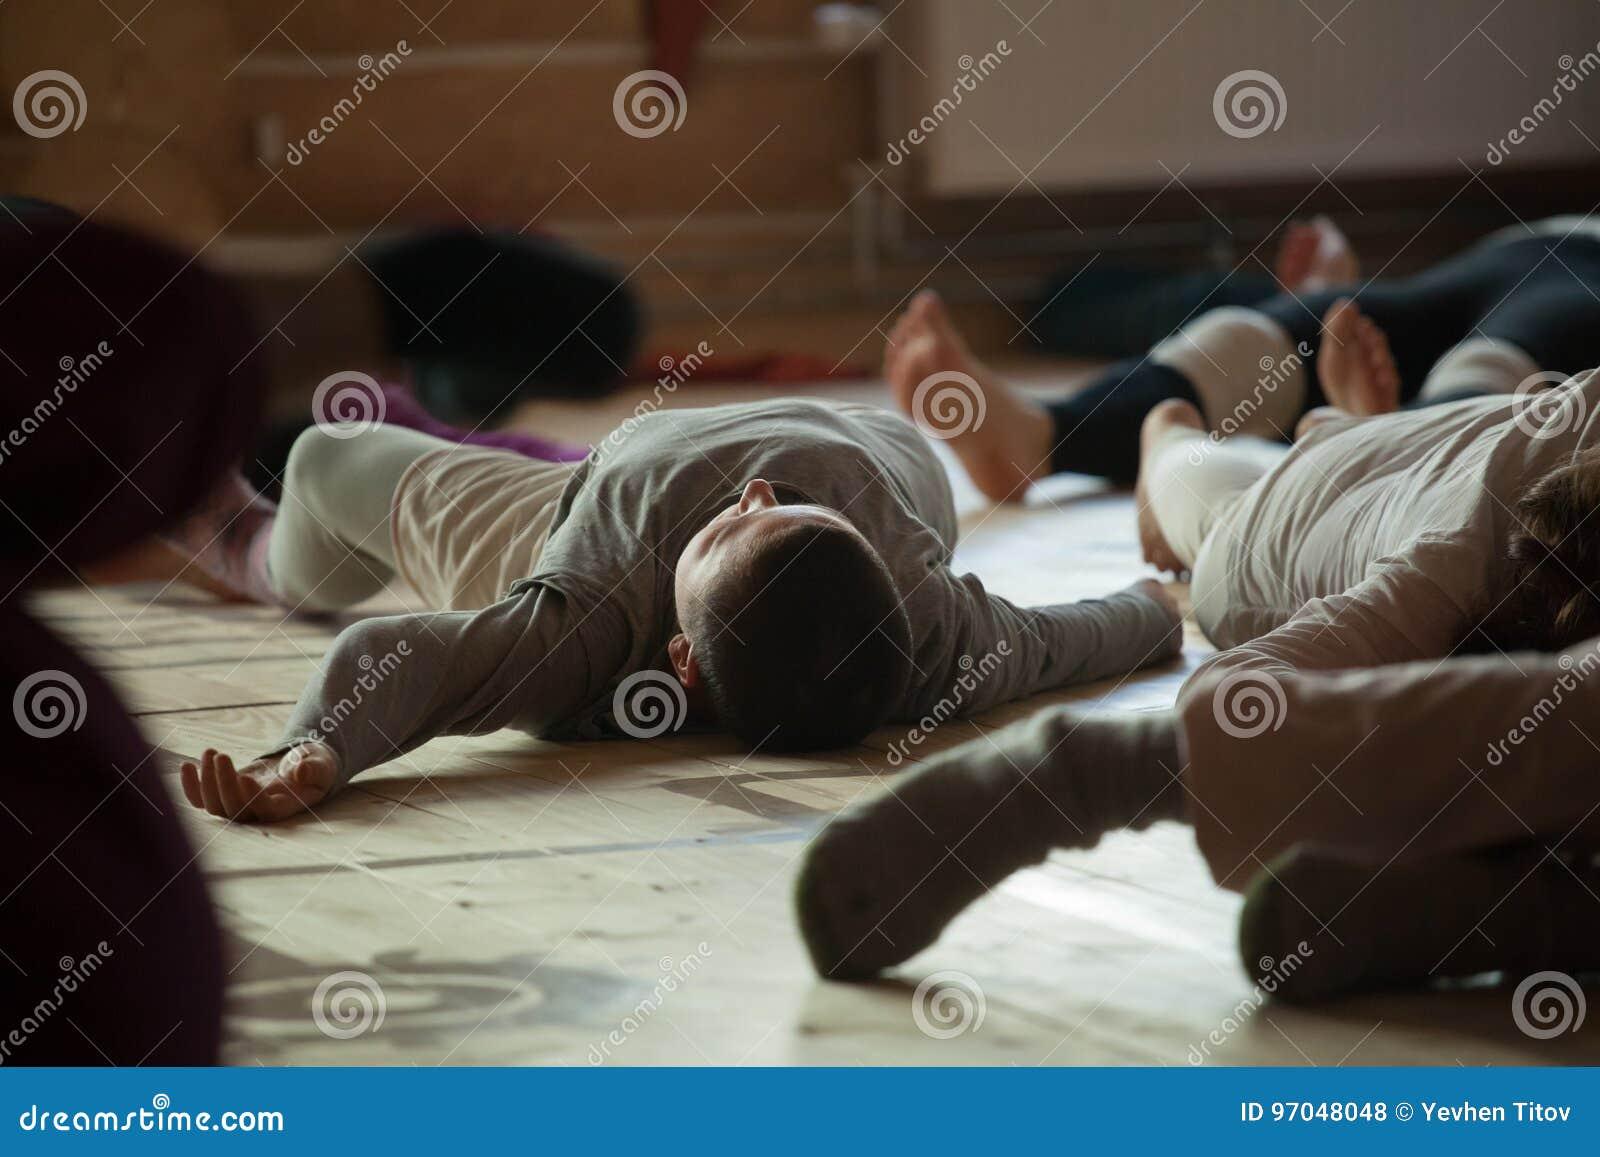 οι χορευτές πληρώνουν, πόδια, στο πάτωμα